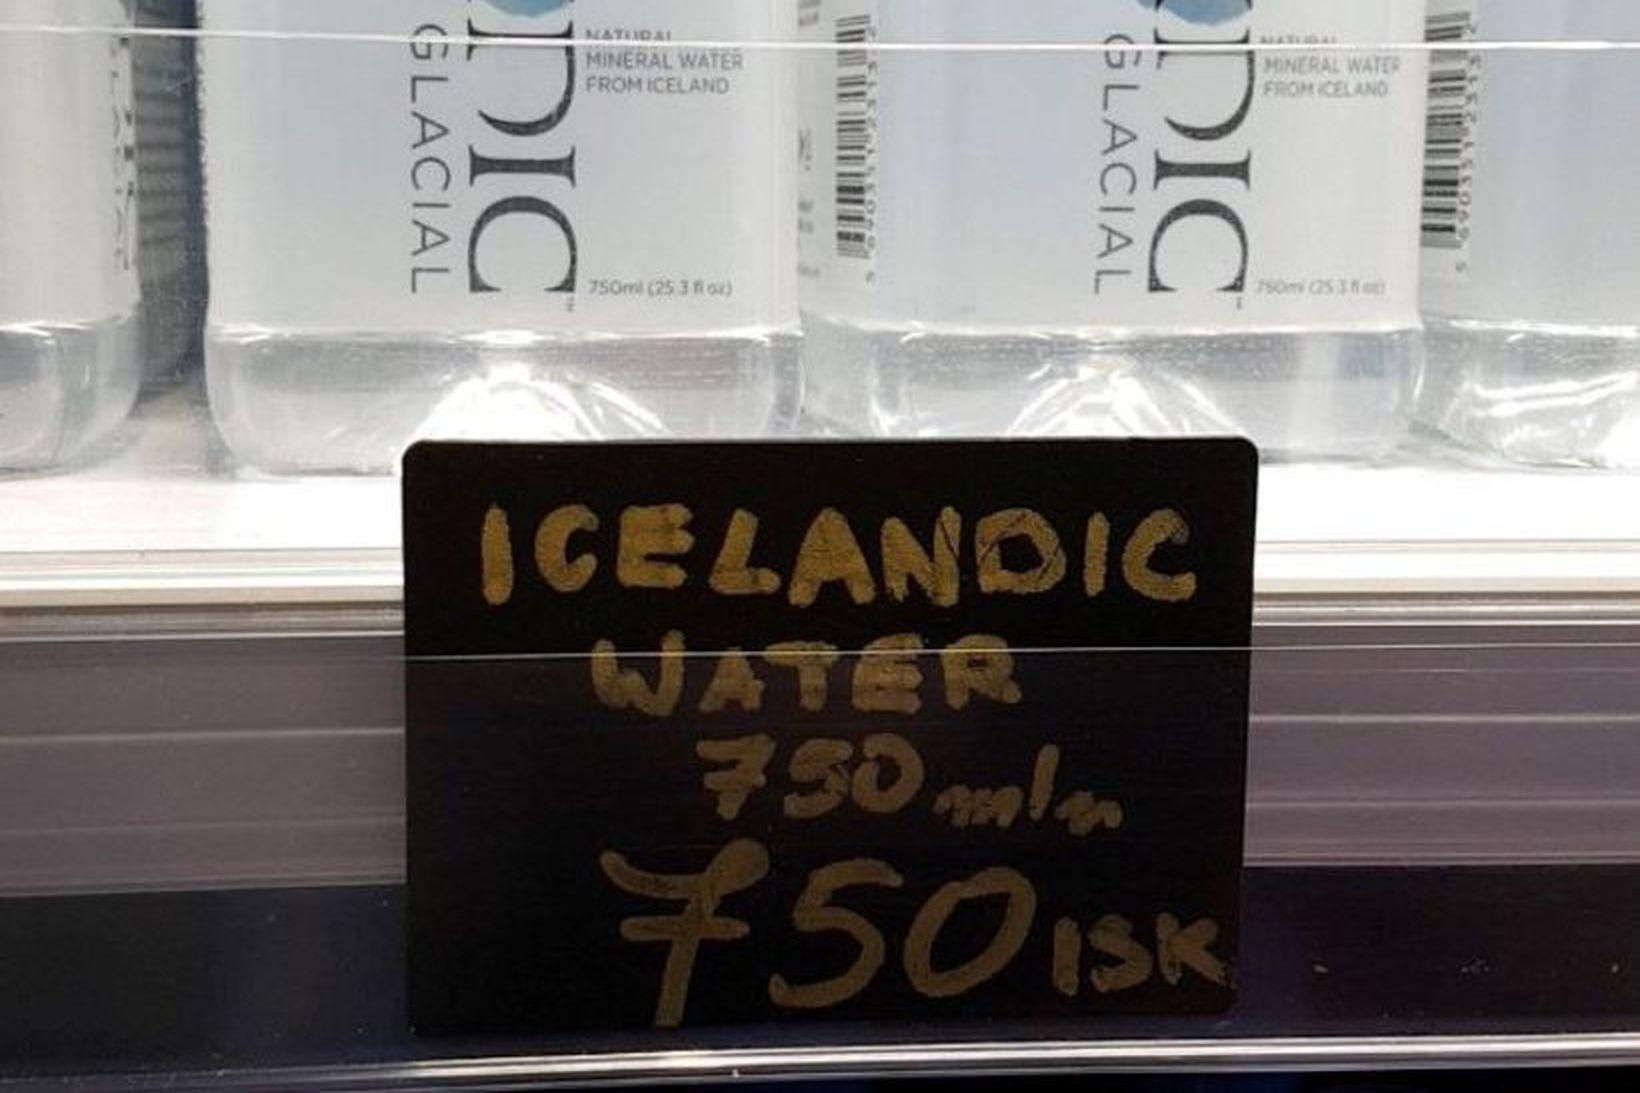 Á veitingastaðnum Þrastarlundi er hægt að kaupa 750ml af vatni …